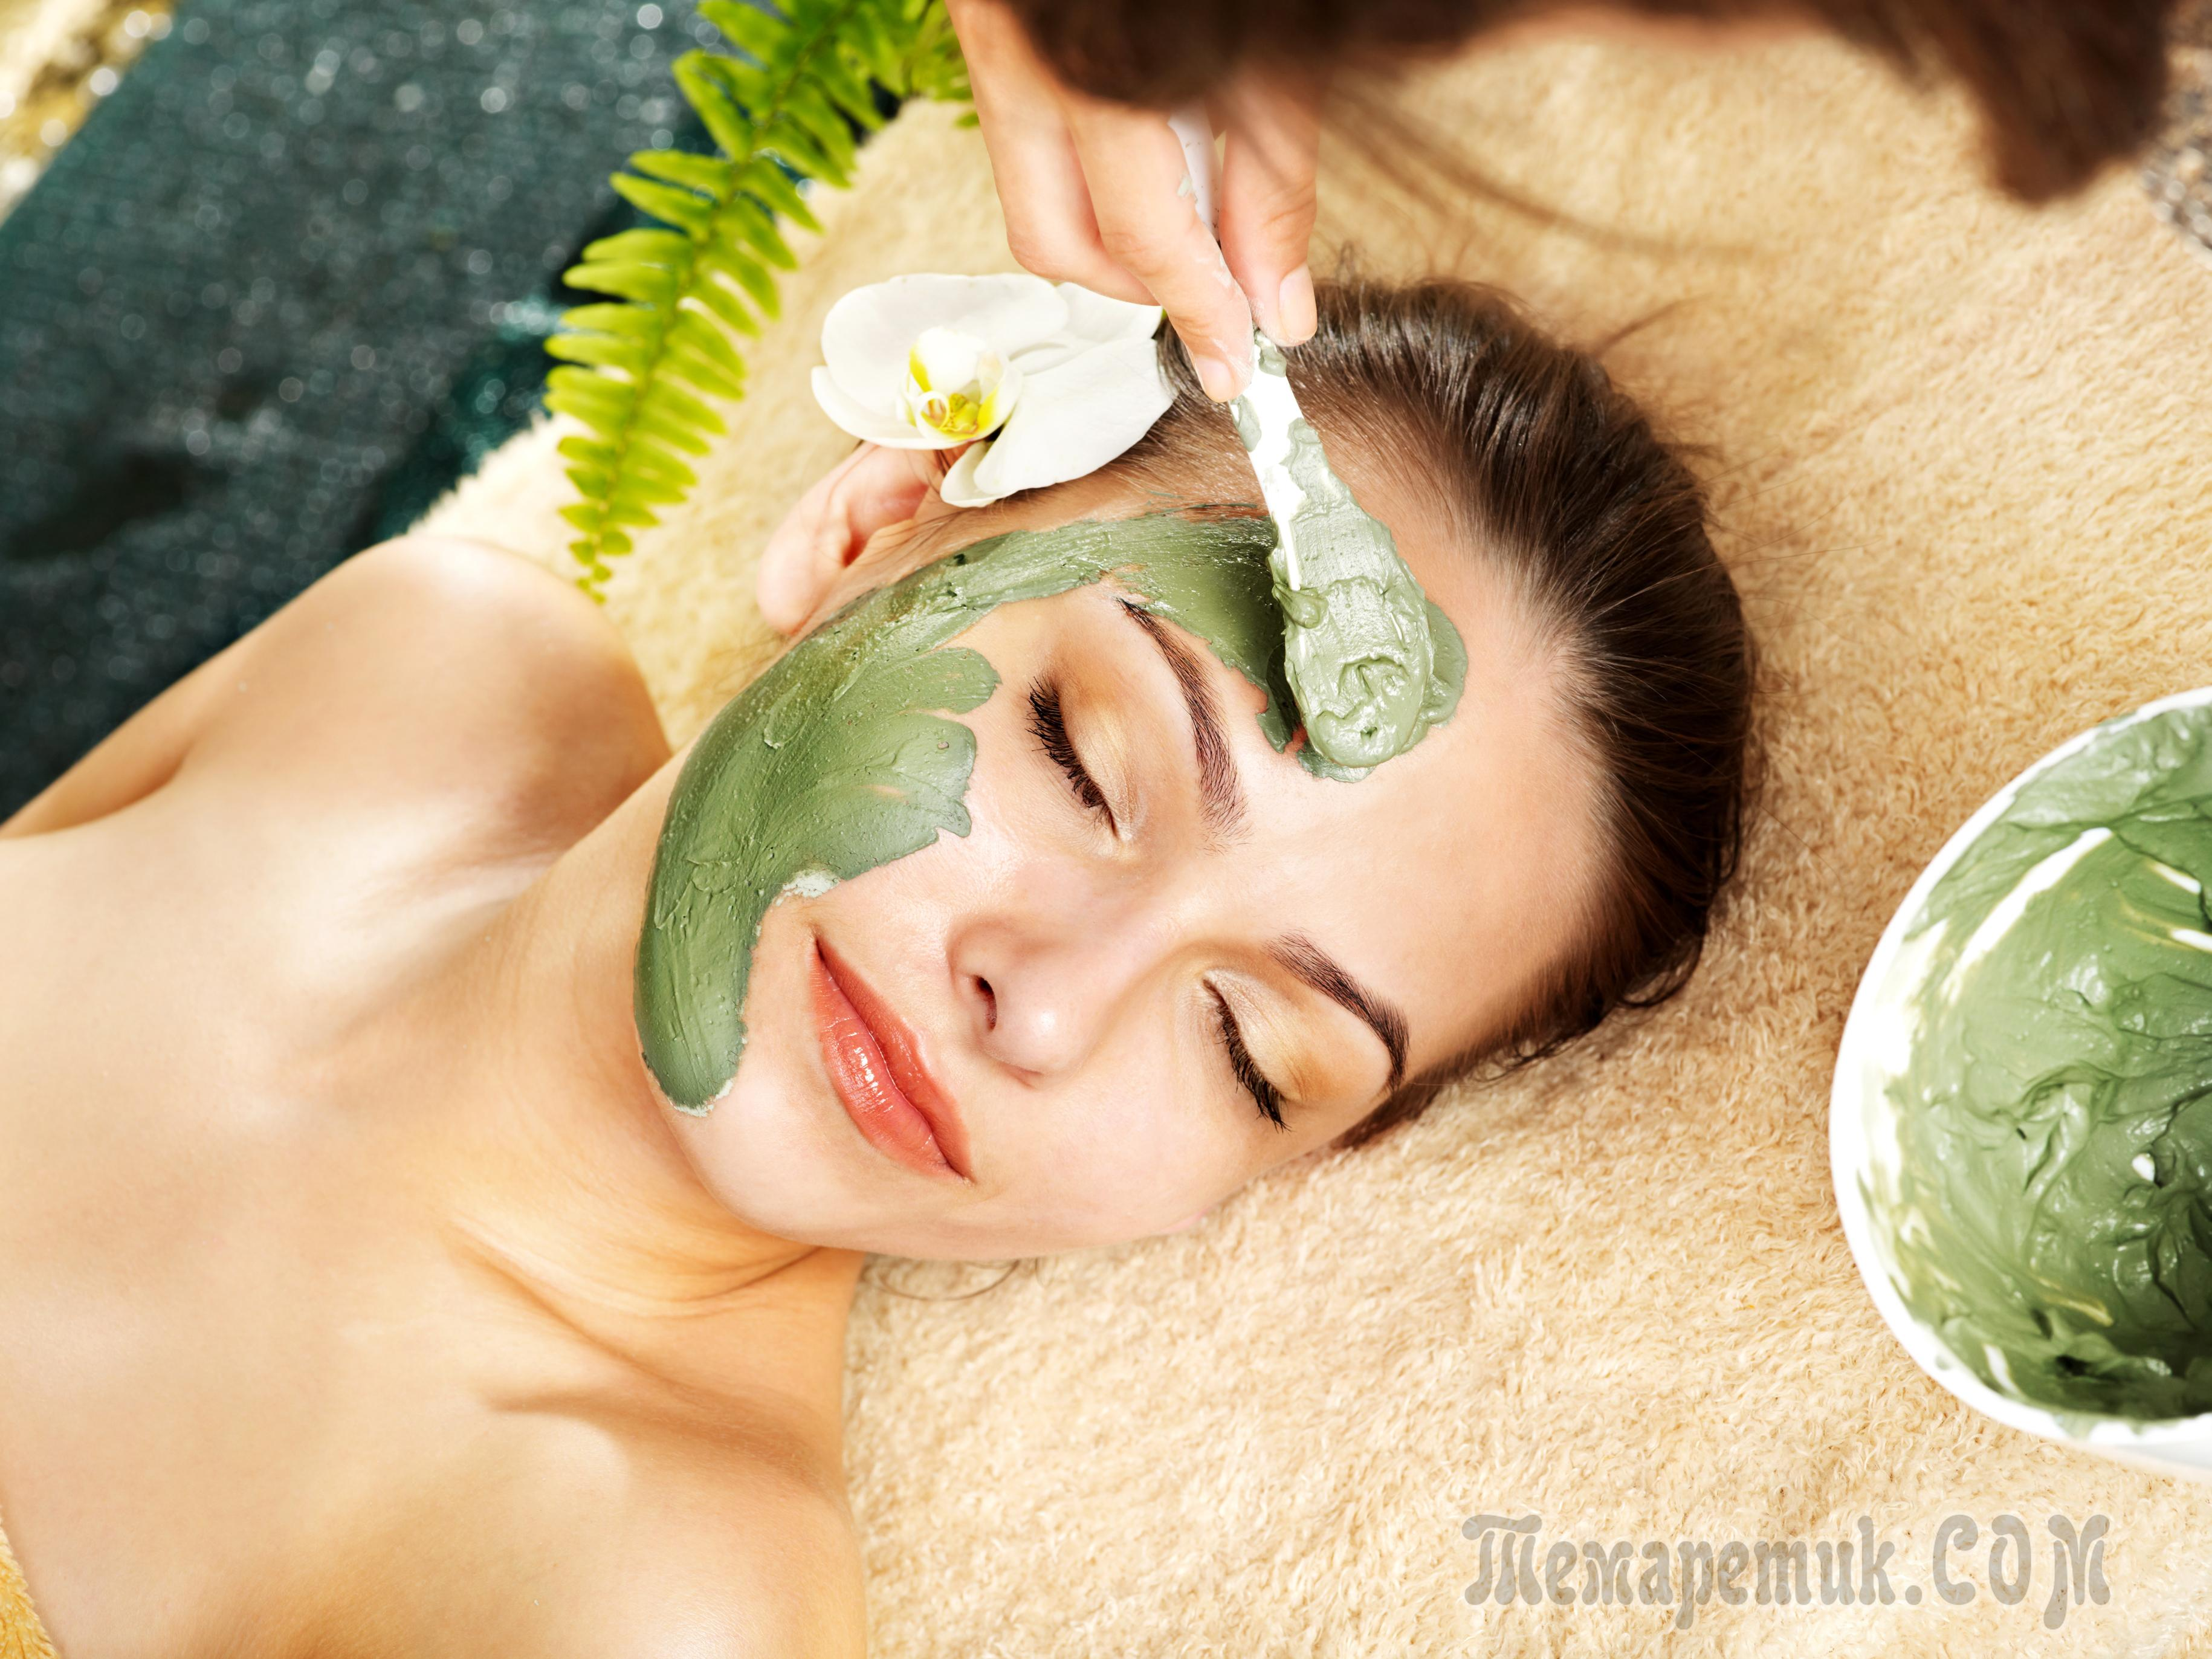 Гороховая маска для лица: эффективность, применение, рецепты